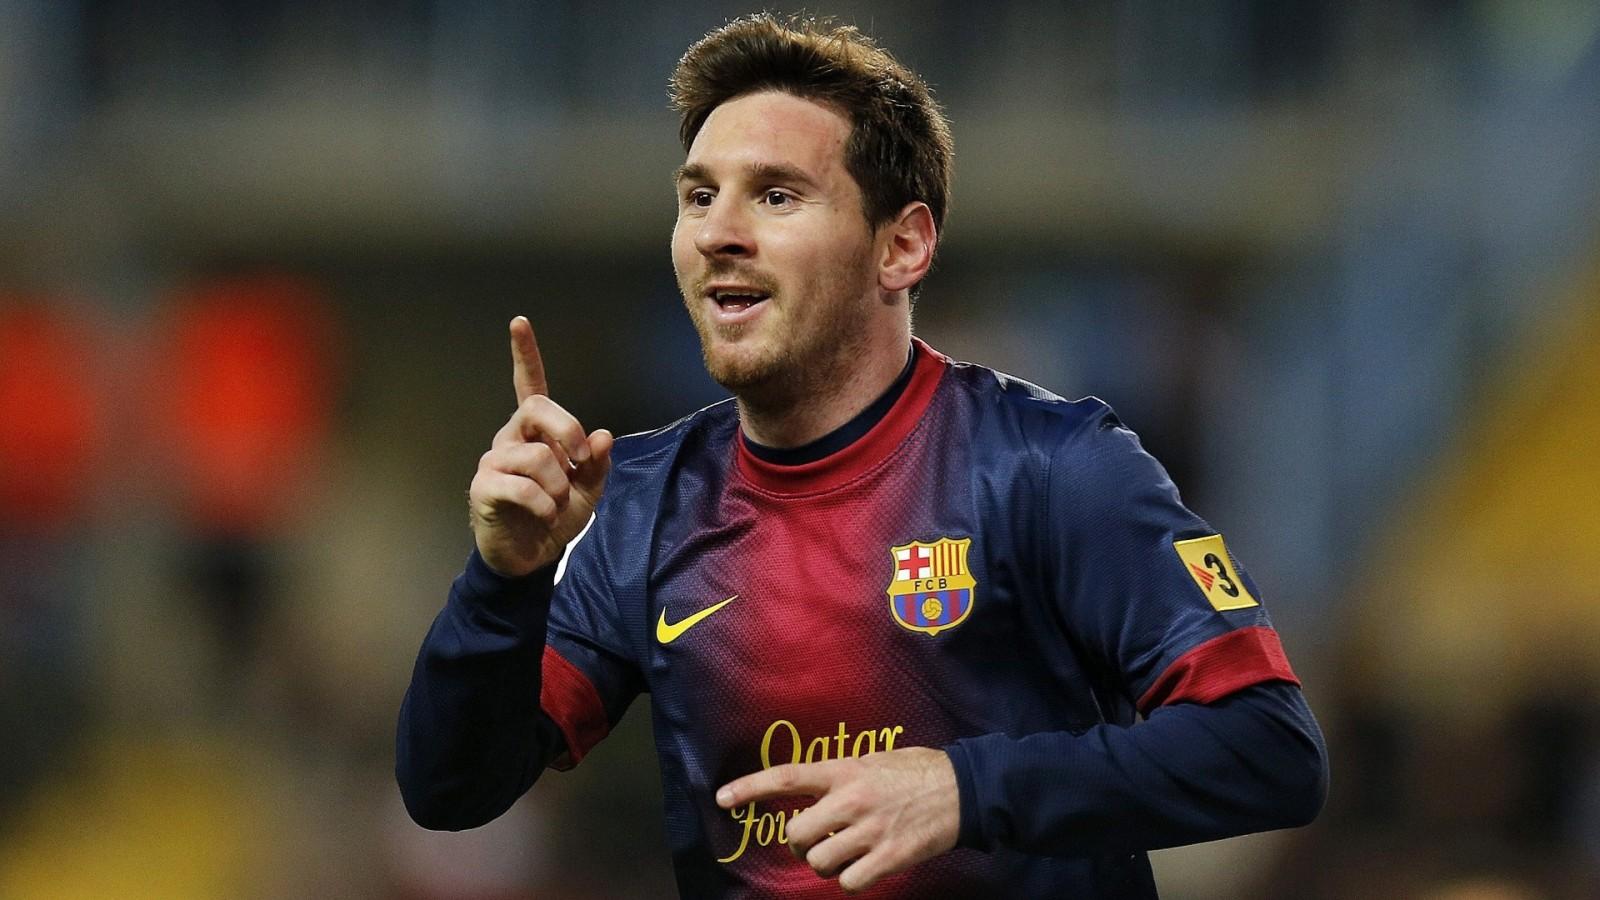 Лионель Месси: вице-президент «Барселоны» ничего не понимает в футболе